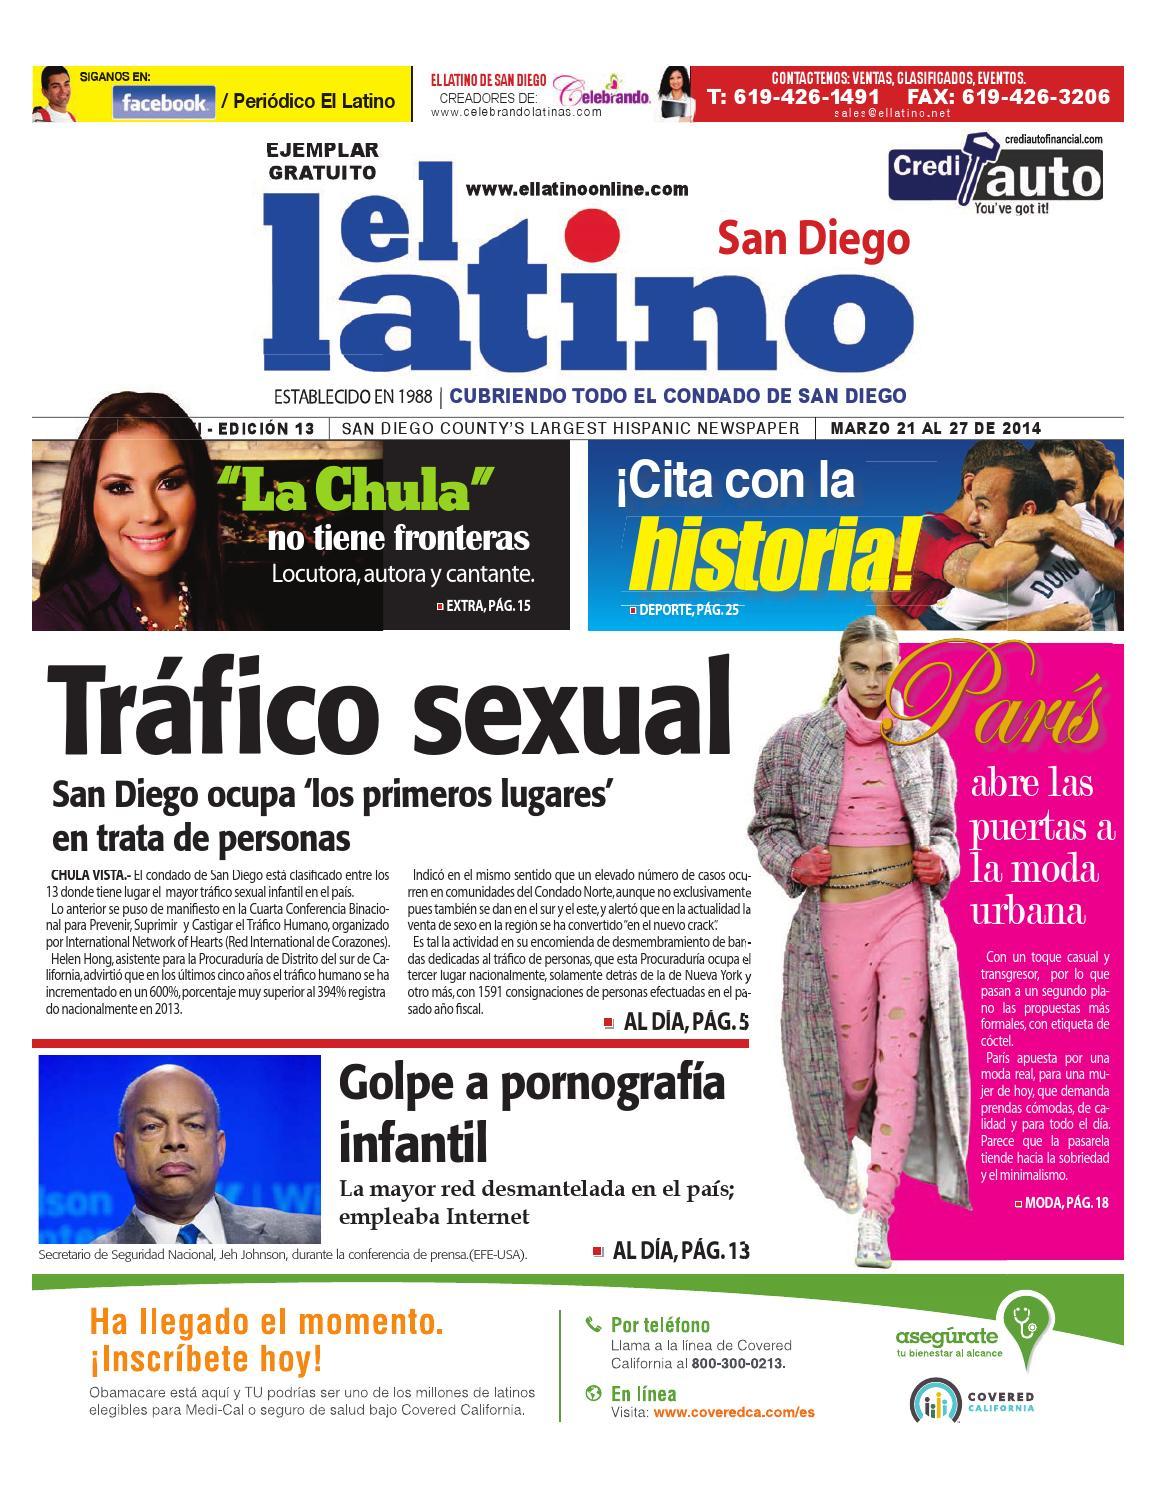 Marzo 21 al 27 del 2014 by El Latino San Diego Newspaper - issuu